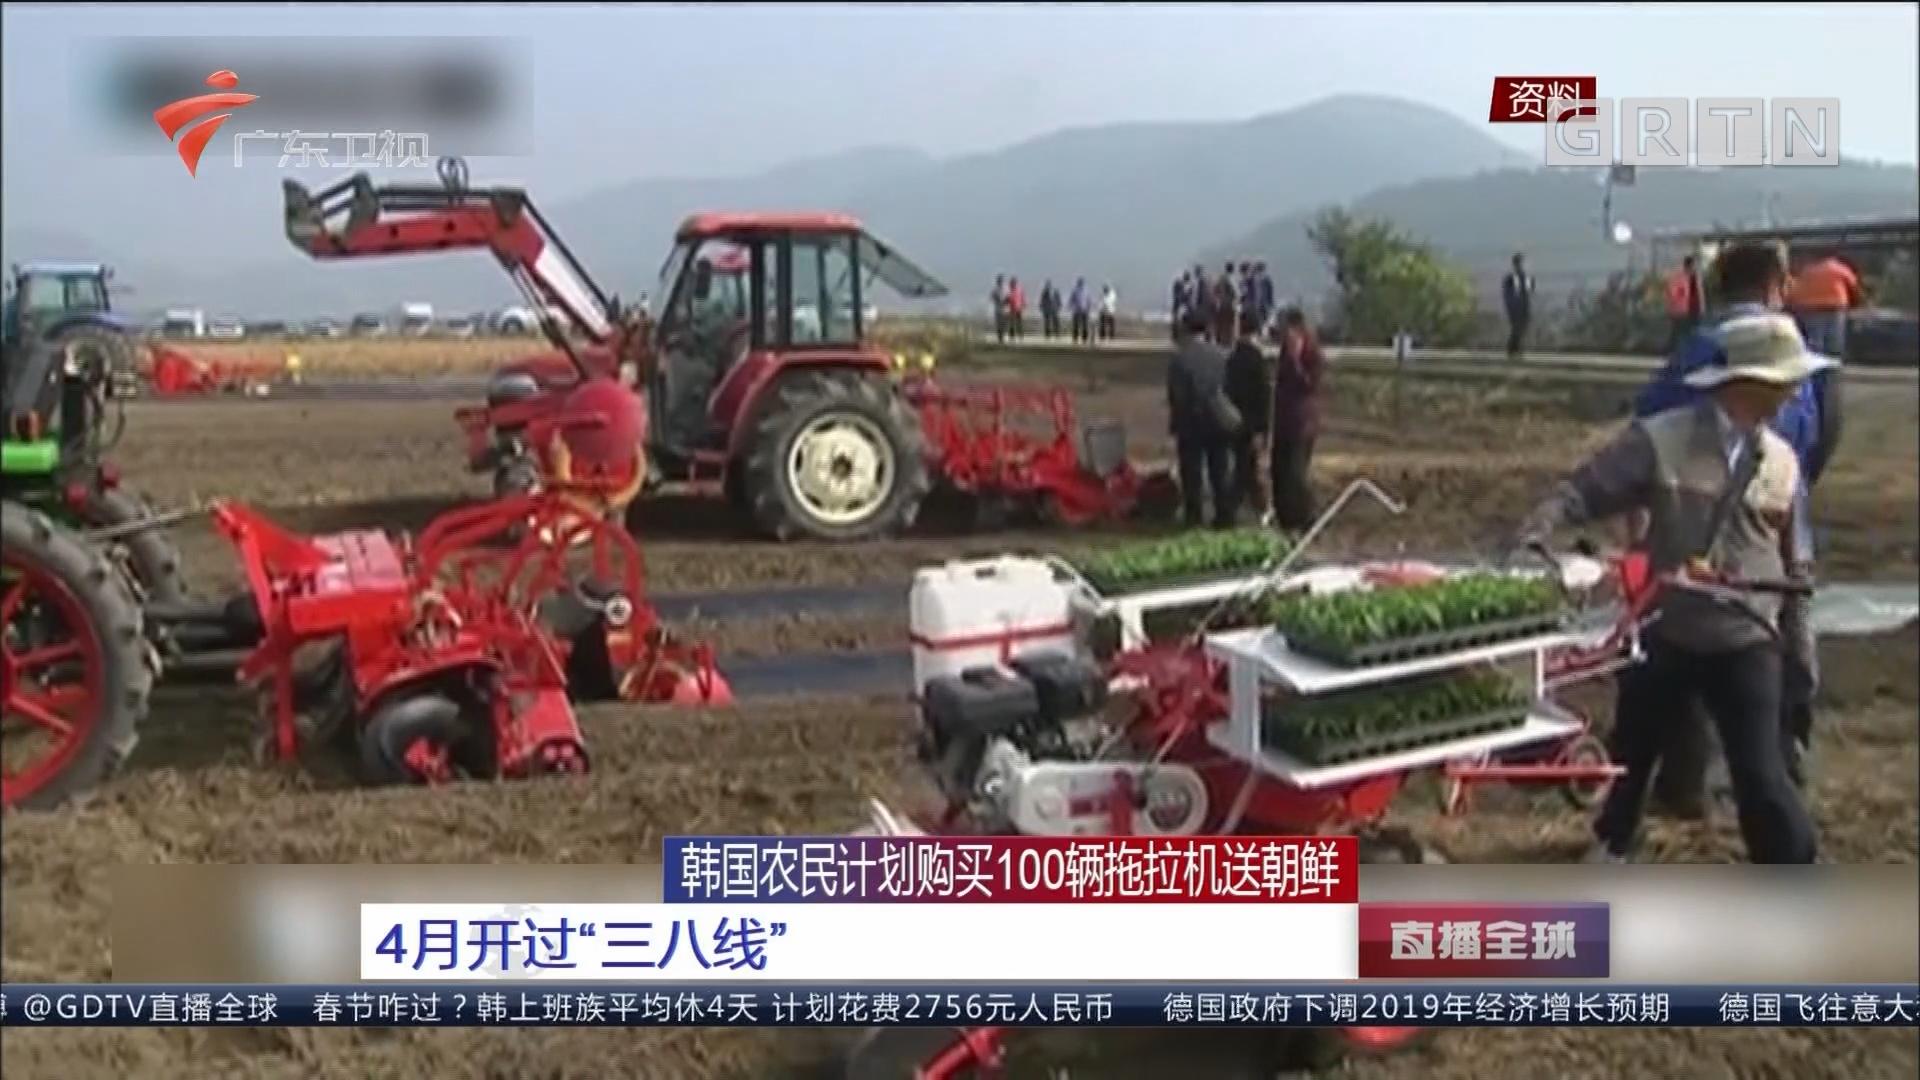 """韩国农民计划购买100辆拖拉机送朝鲜:4月开过""""三八线"""""""